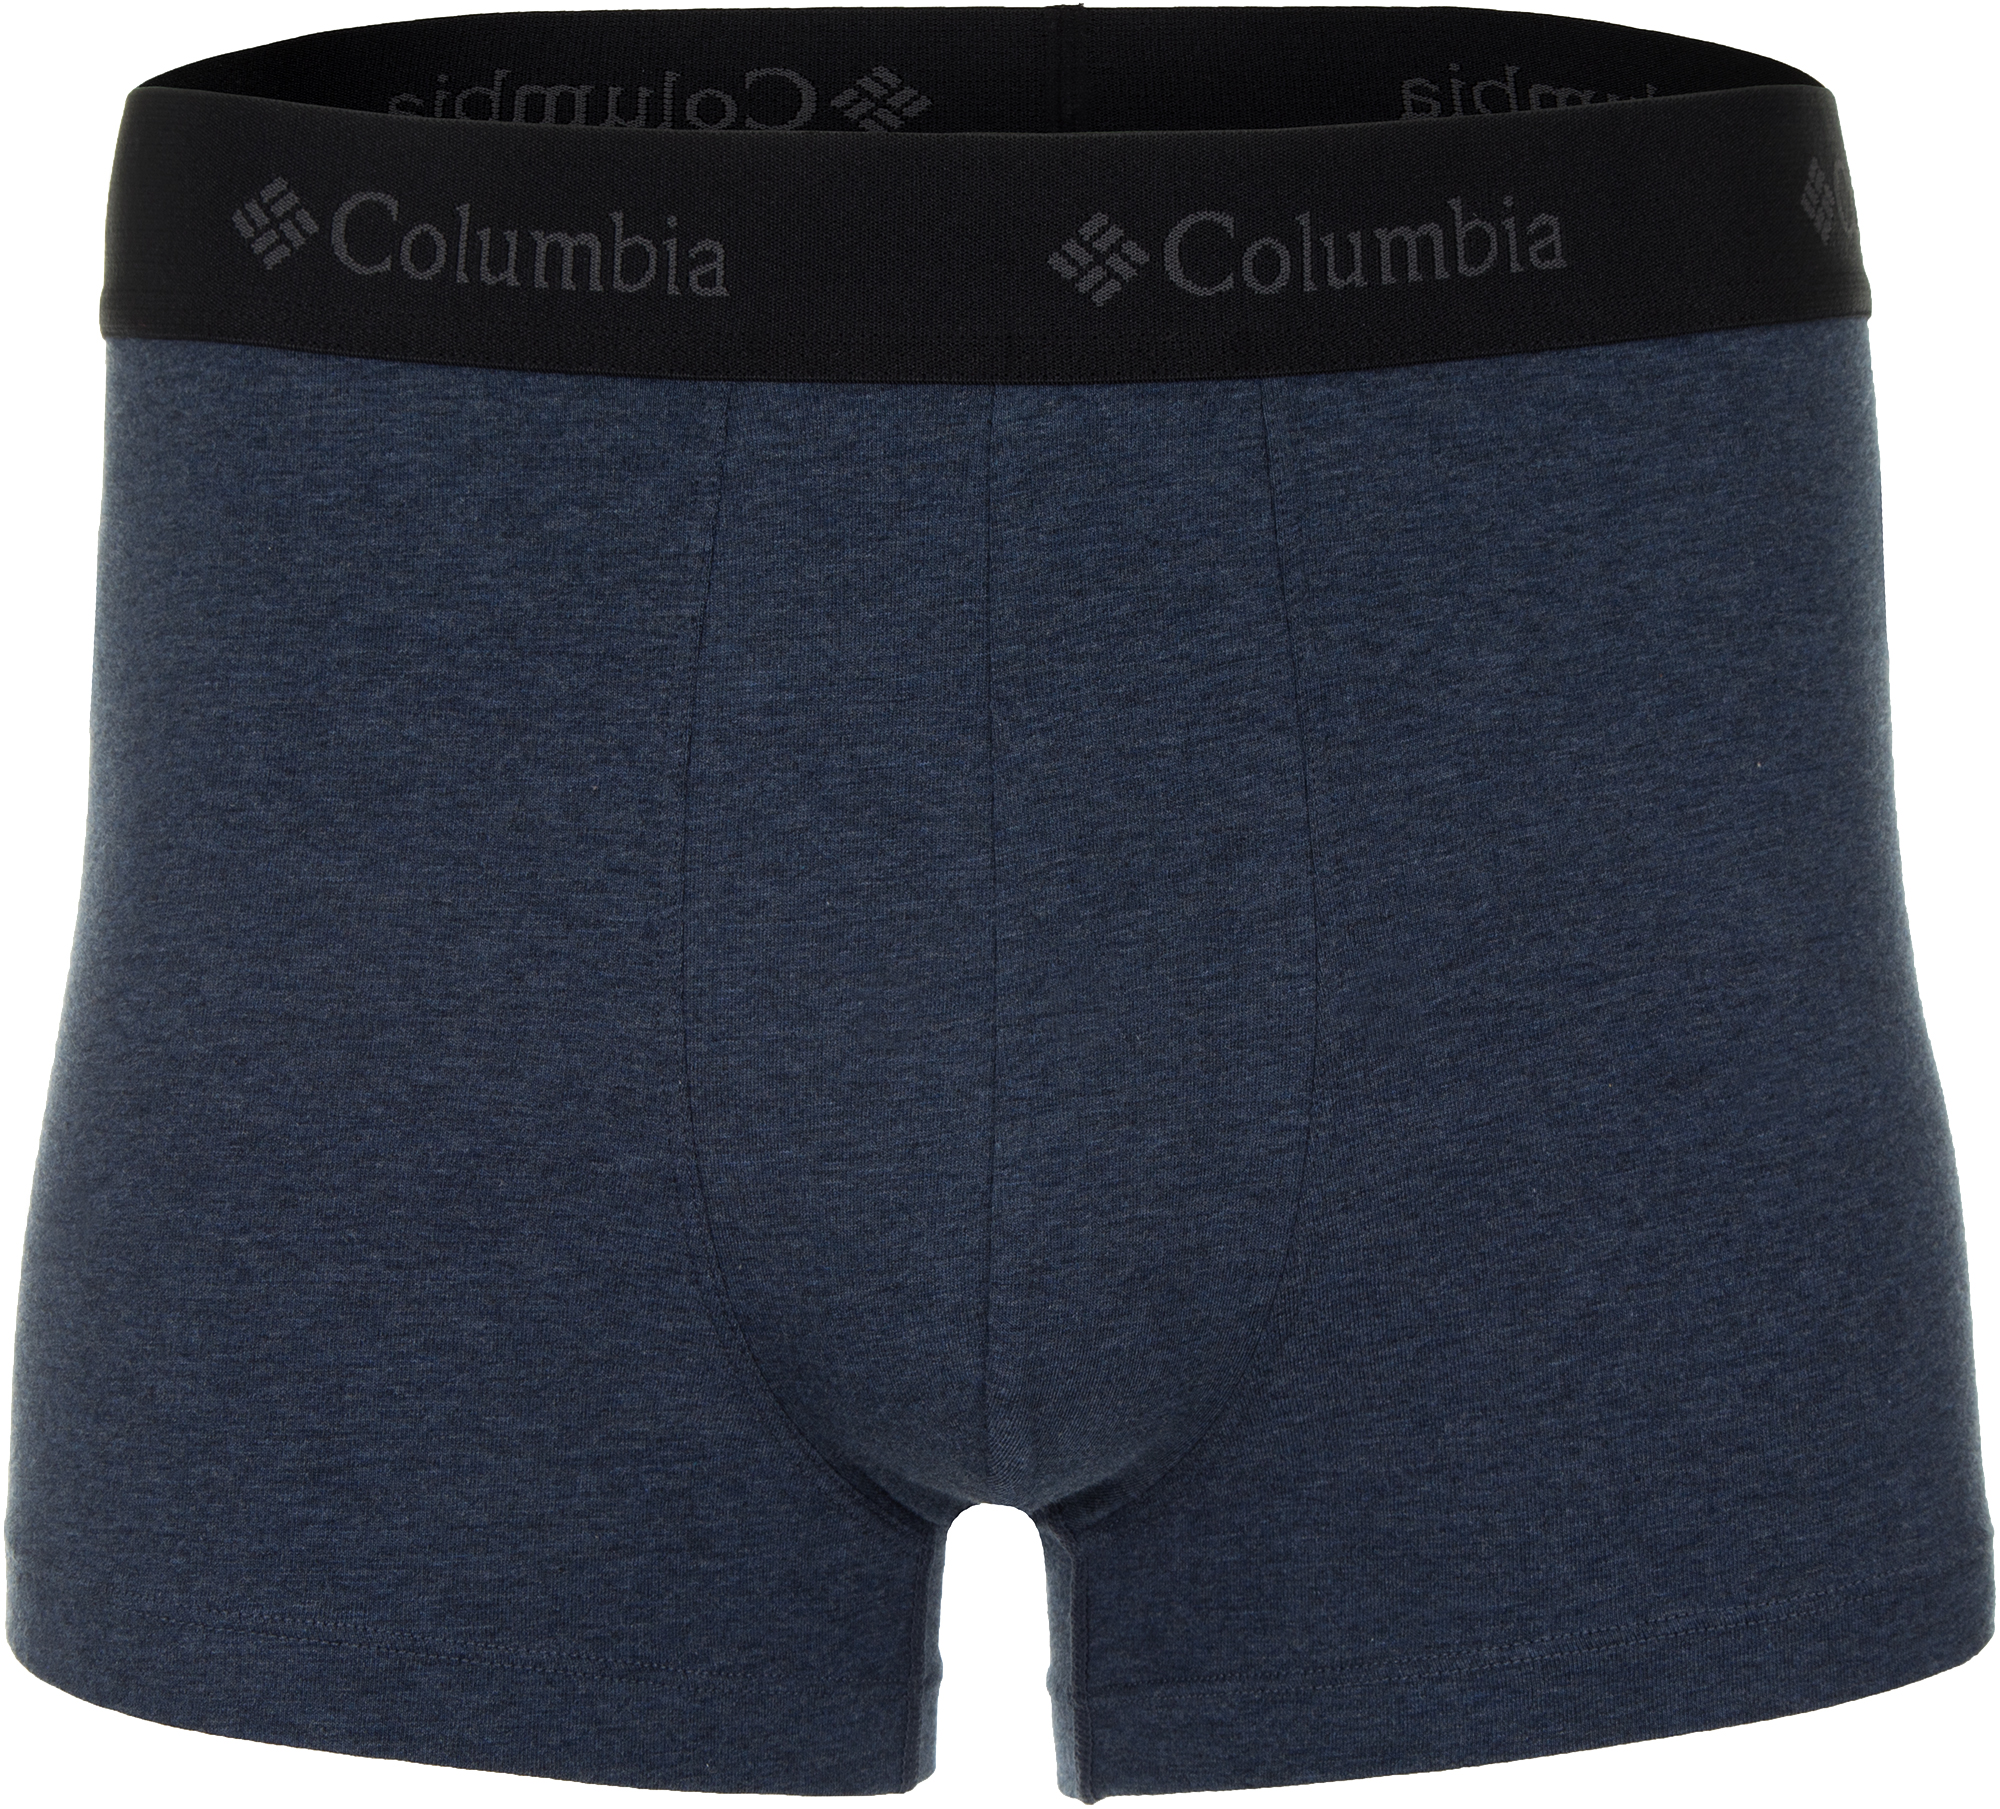 трусы мужские rossoporpora elastico interno цвет синий 207 boxer размер 3xl 56 Columbia Трусы мужские Columbia, размер 56-58